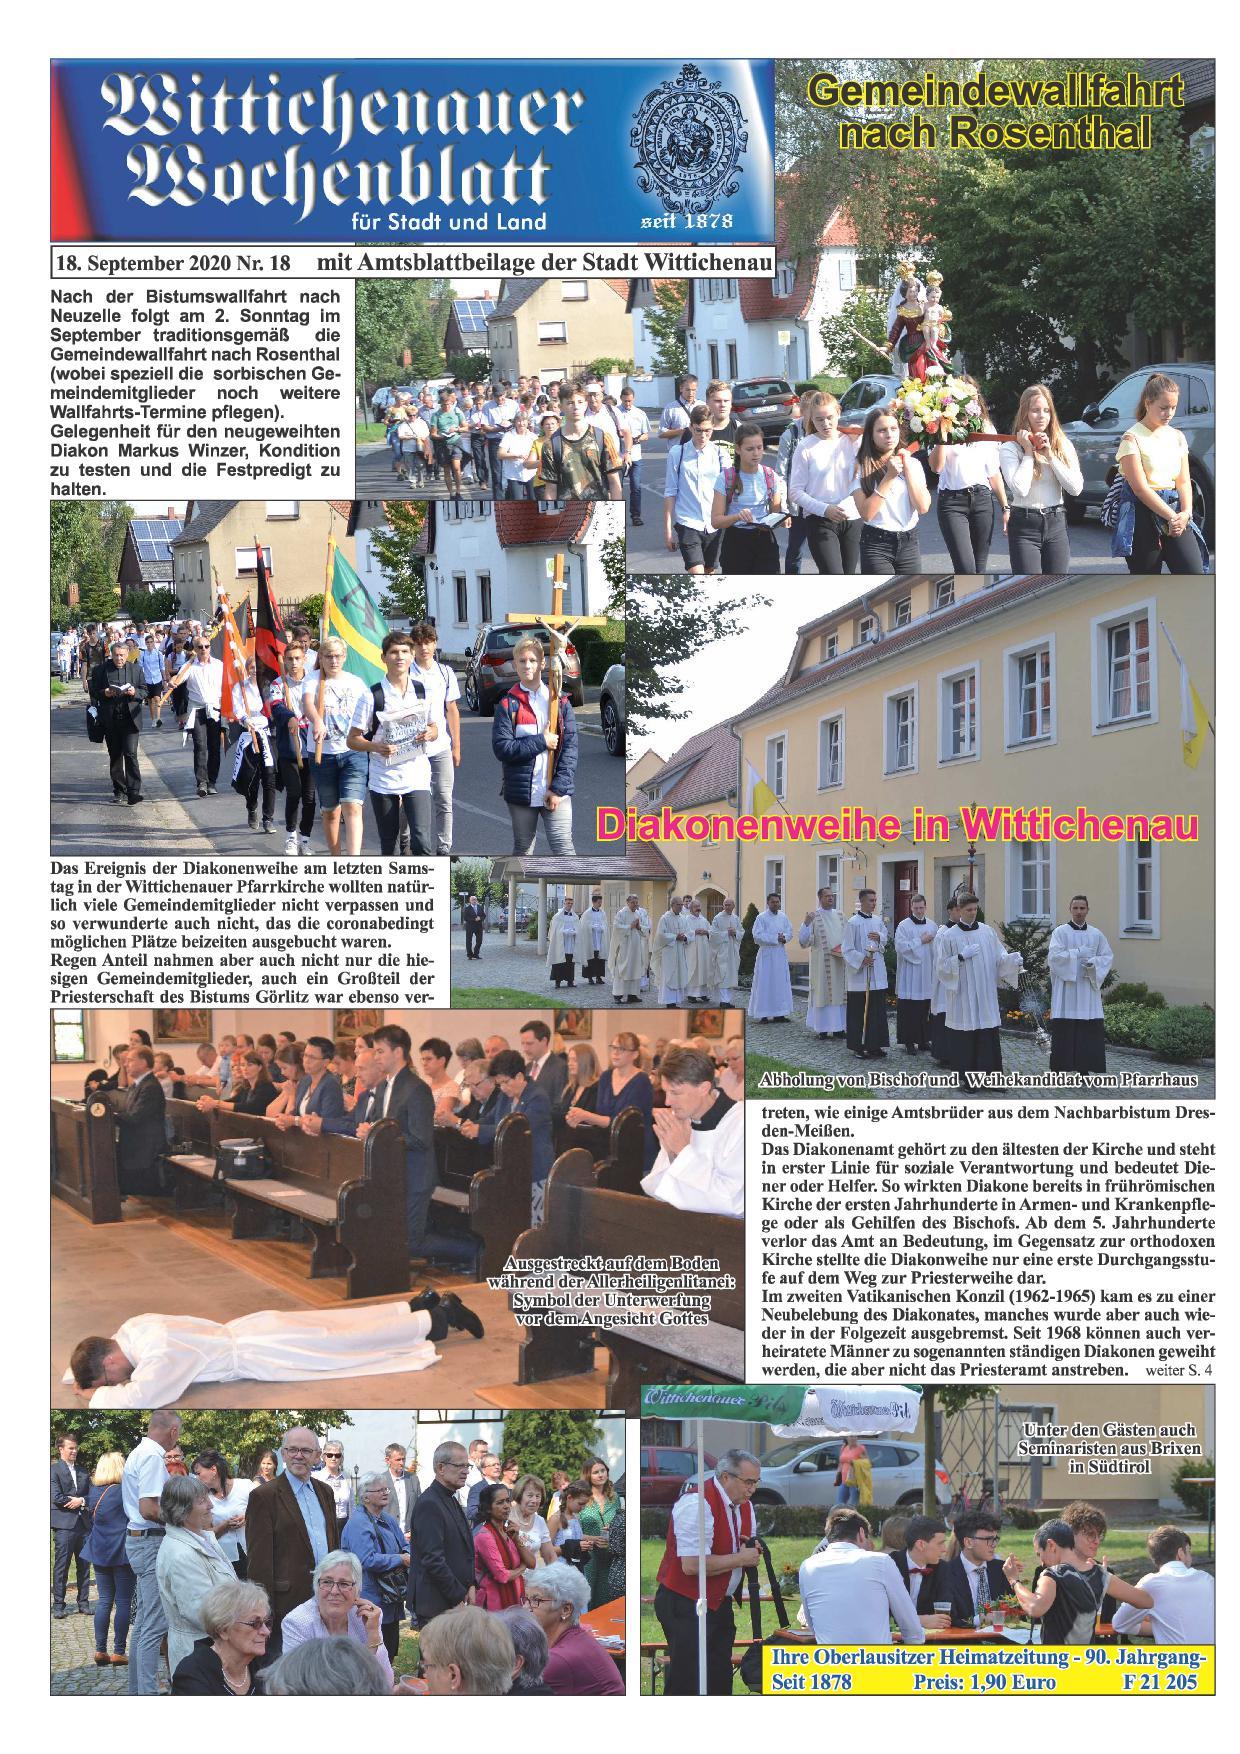 Wochenblatt Nr. 18 - 2020